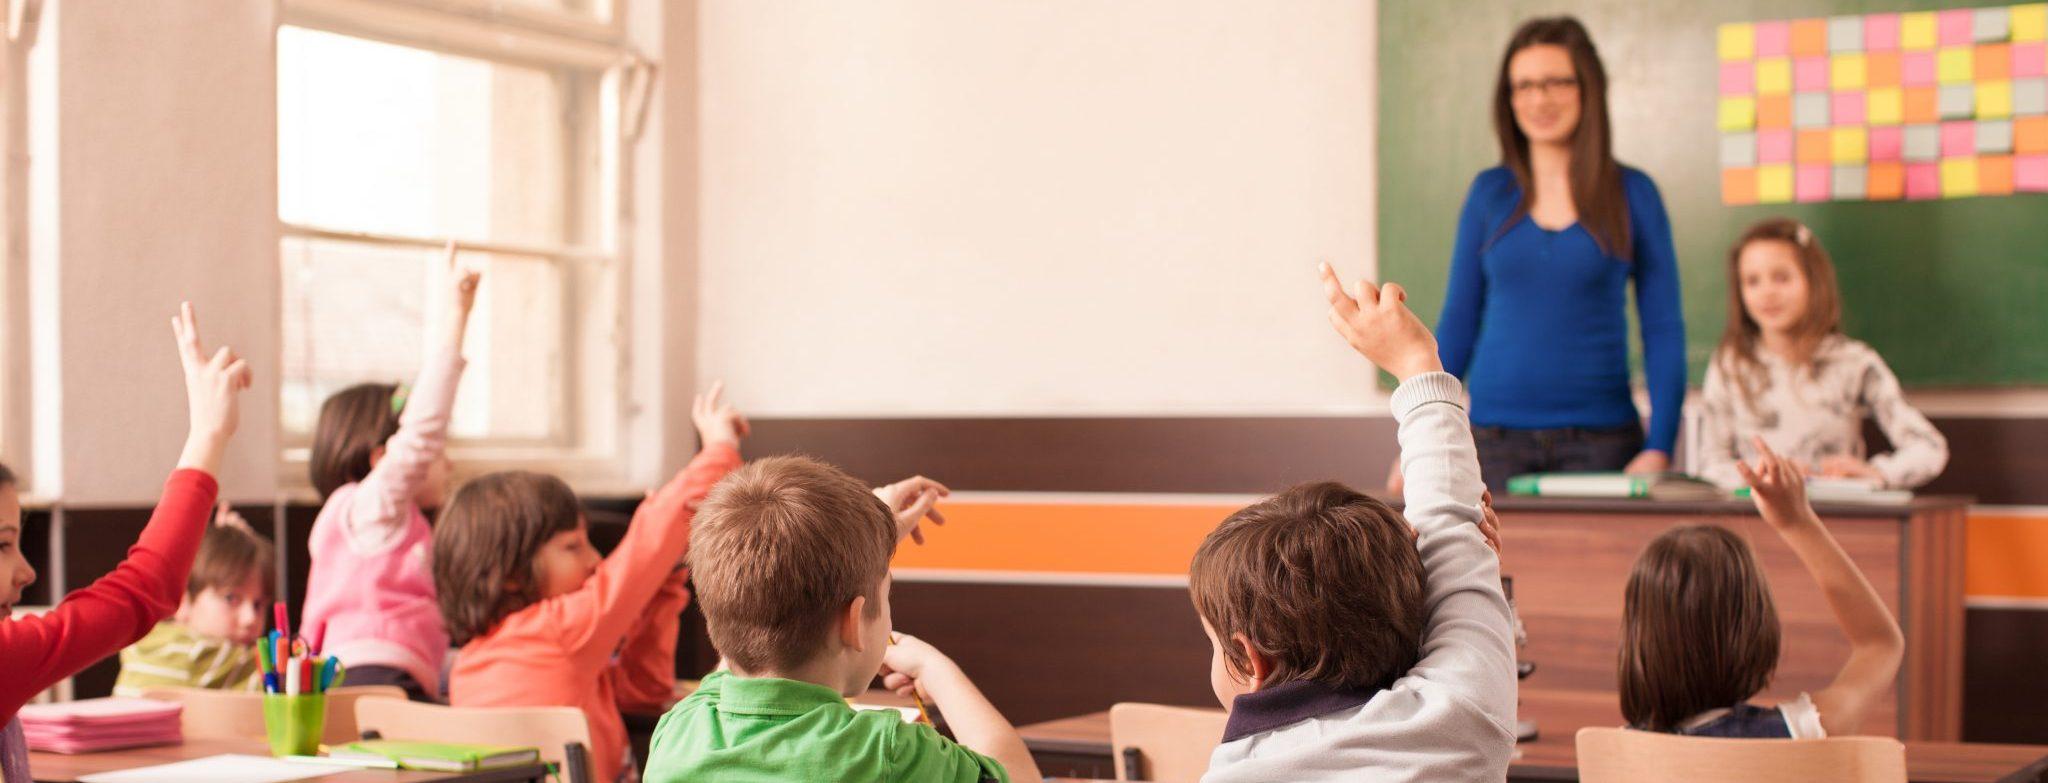 schoolkeuze klas